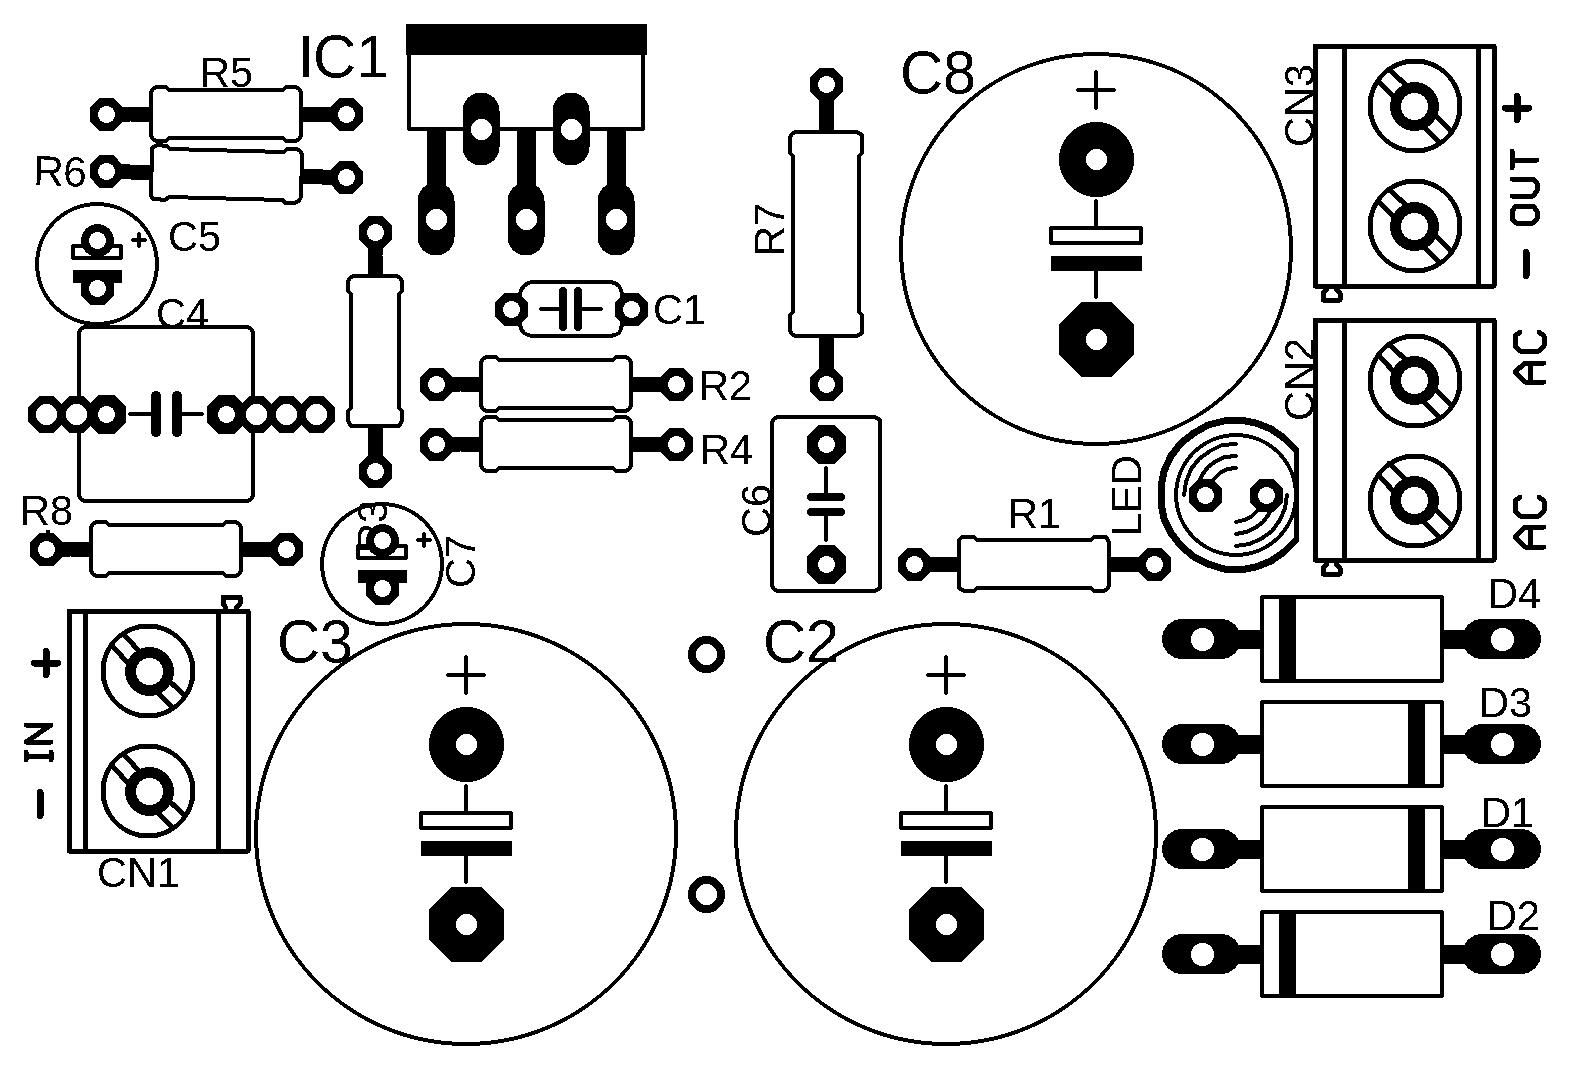 lm1875 power amplifier circuit silk Circuito de amplificador de potência de com CI LM1875 Circuitos Áudio